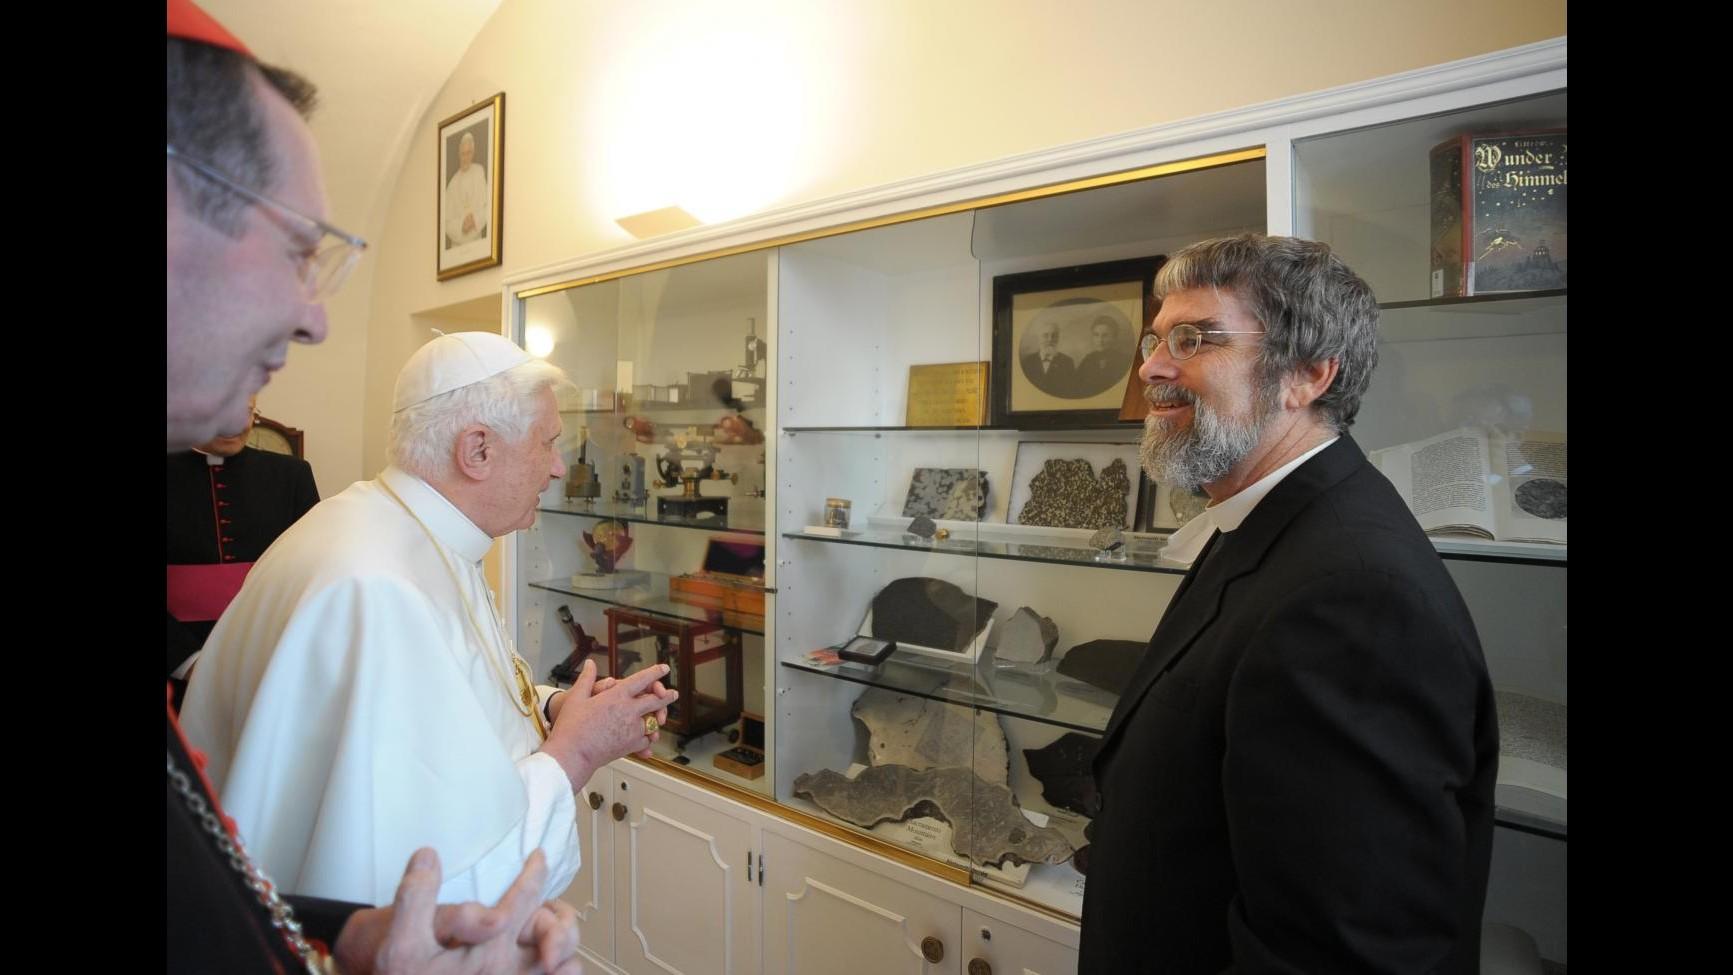 L'astrologo del Vaticano è sicuro: Il mondo non finirà il 21 dicembre